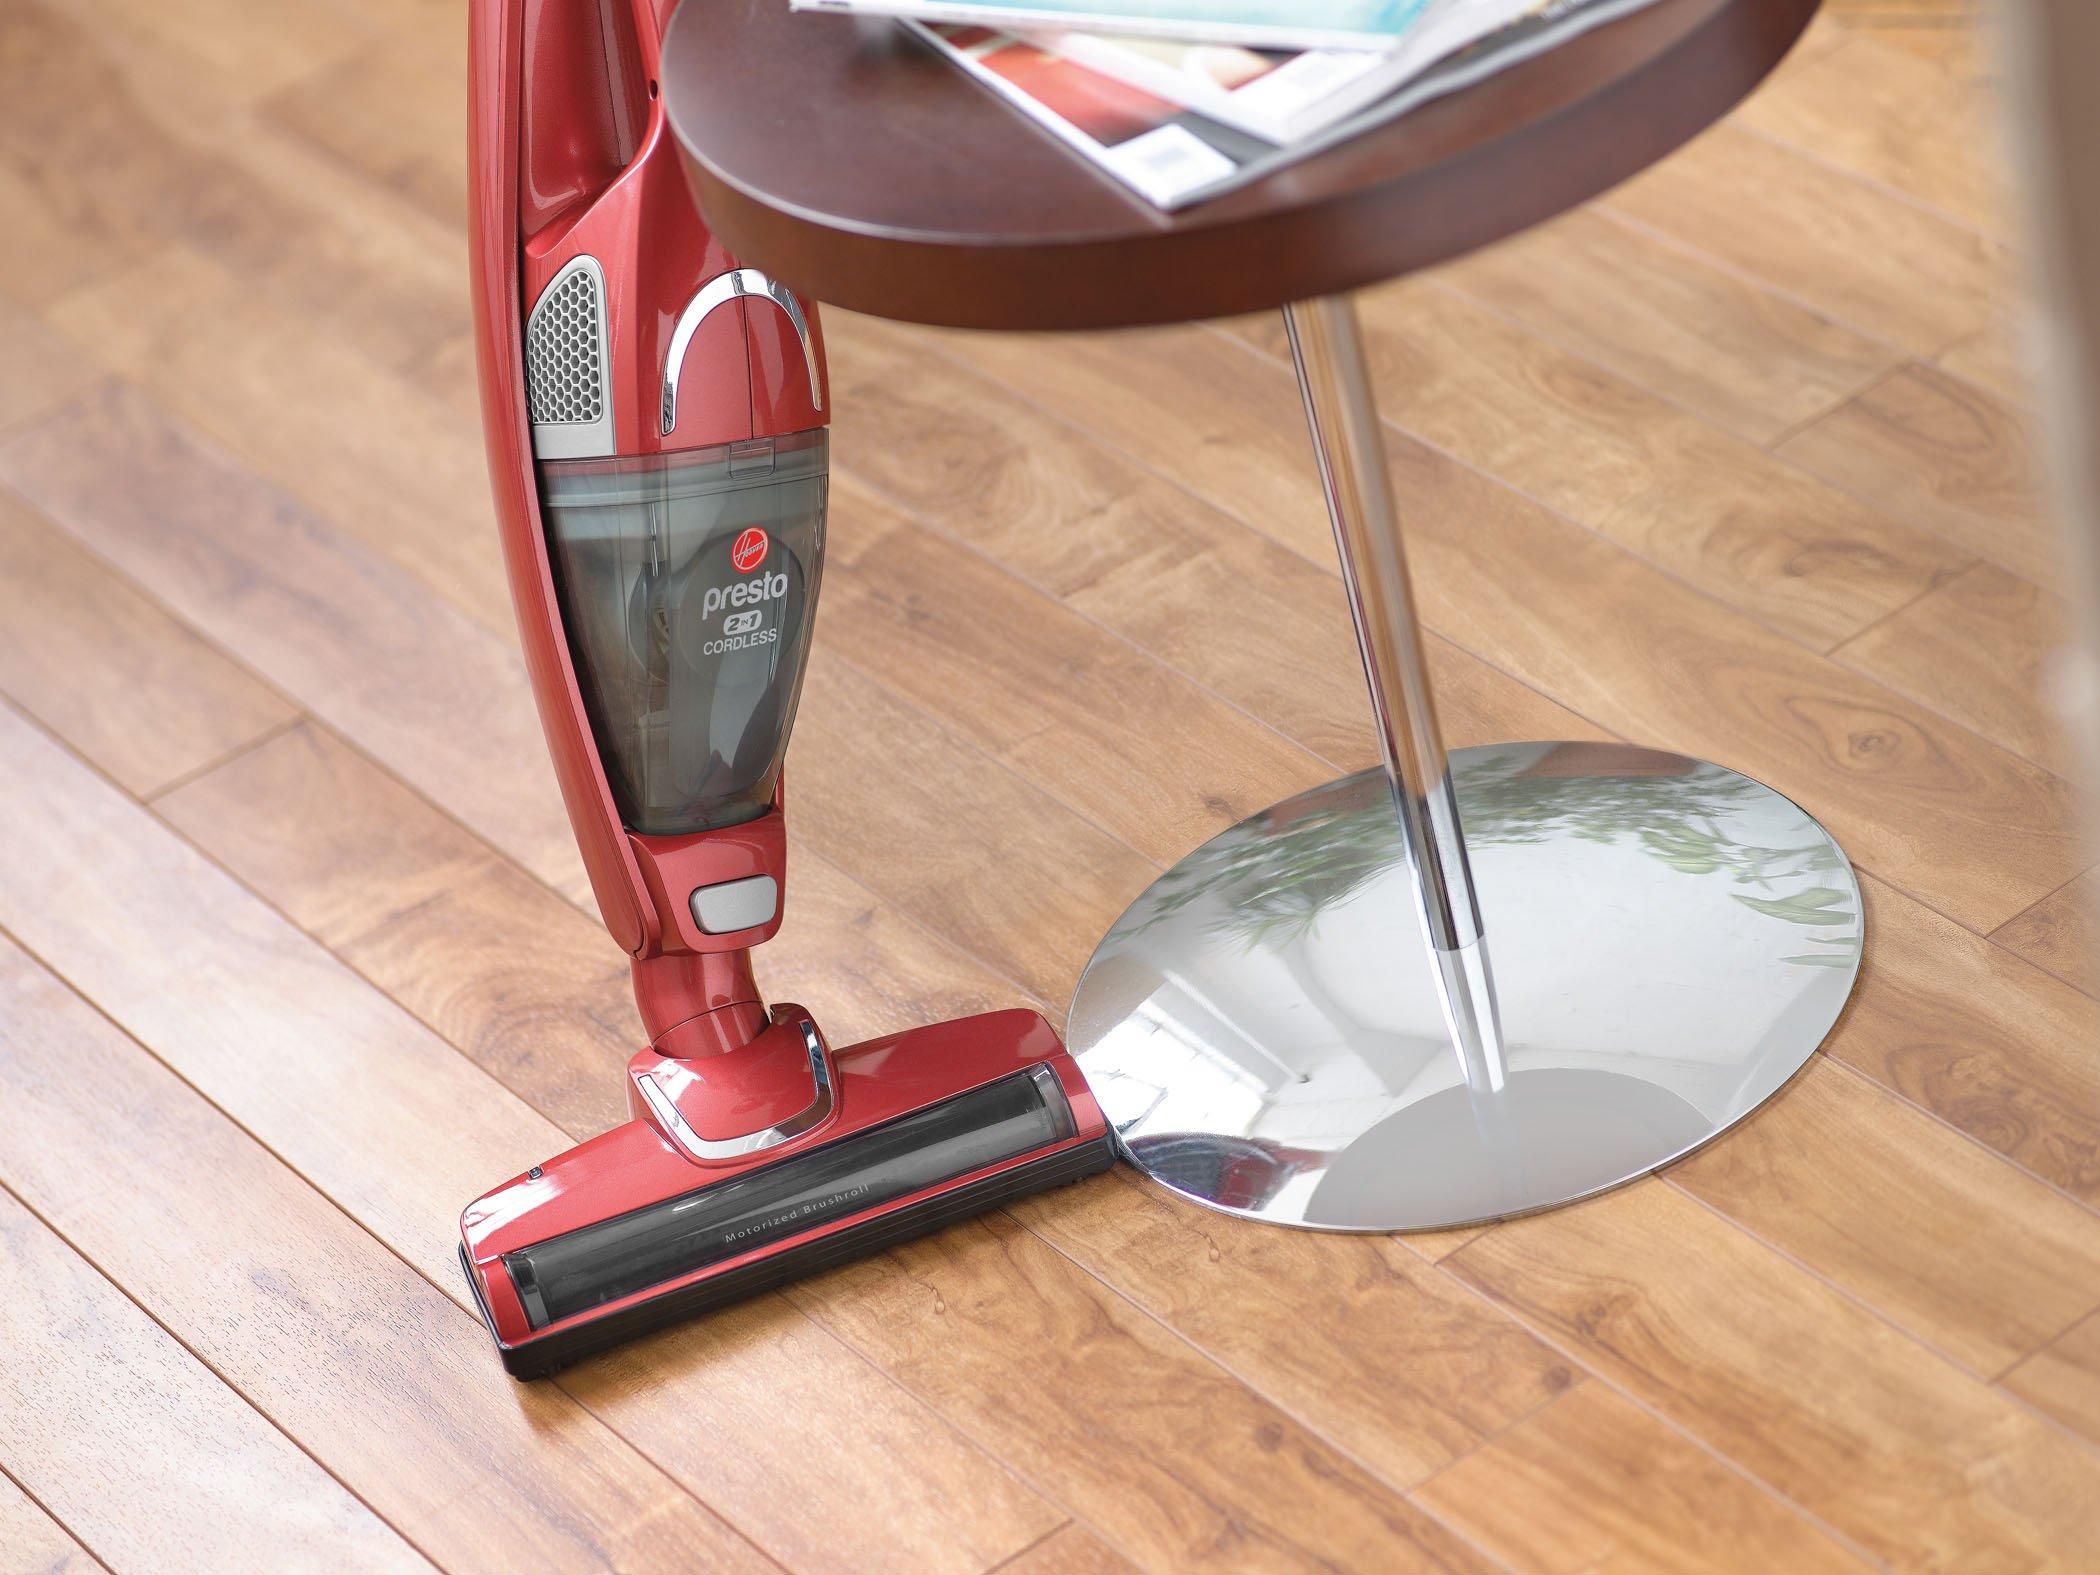 Presto 2-in-1 Cordless Stick Vacuum4